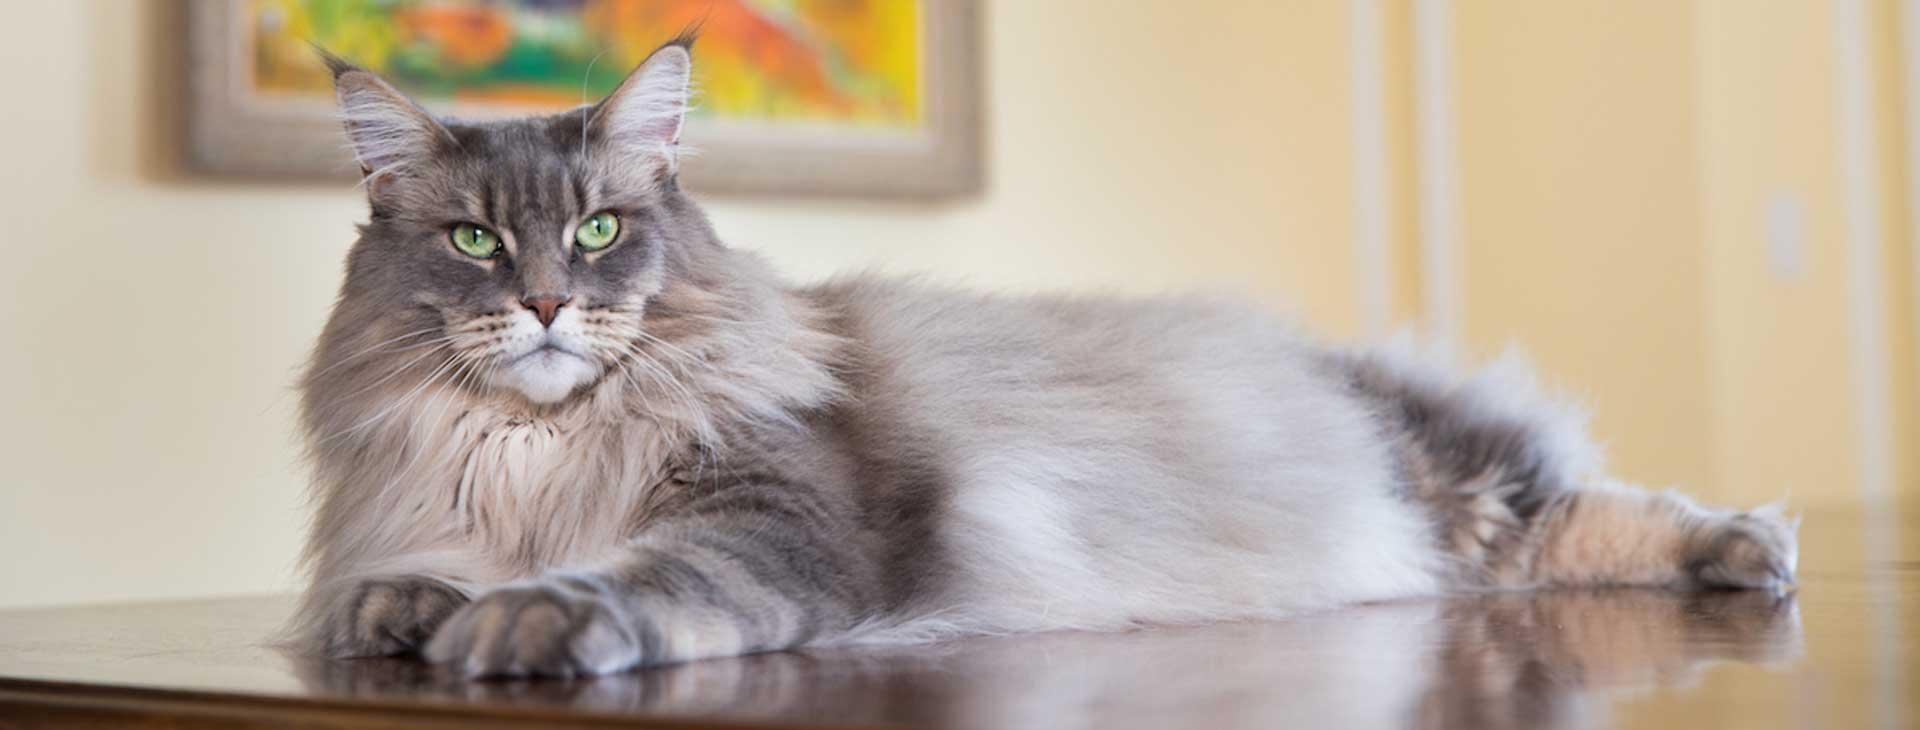 petsitcats_new_gd